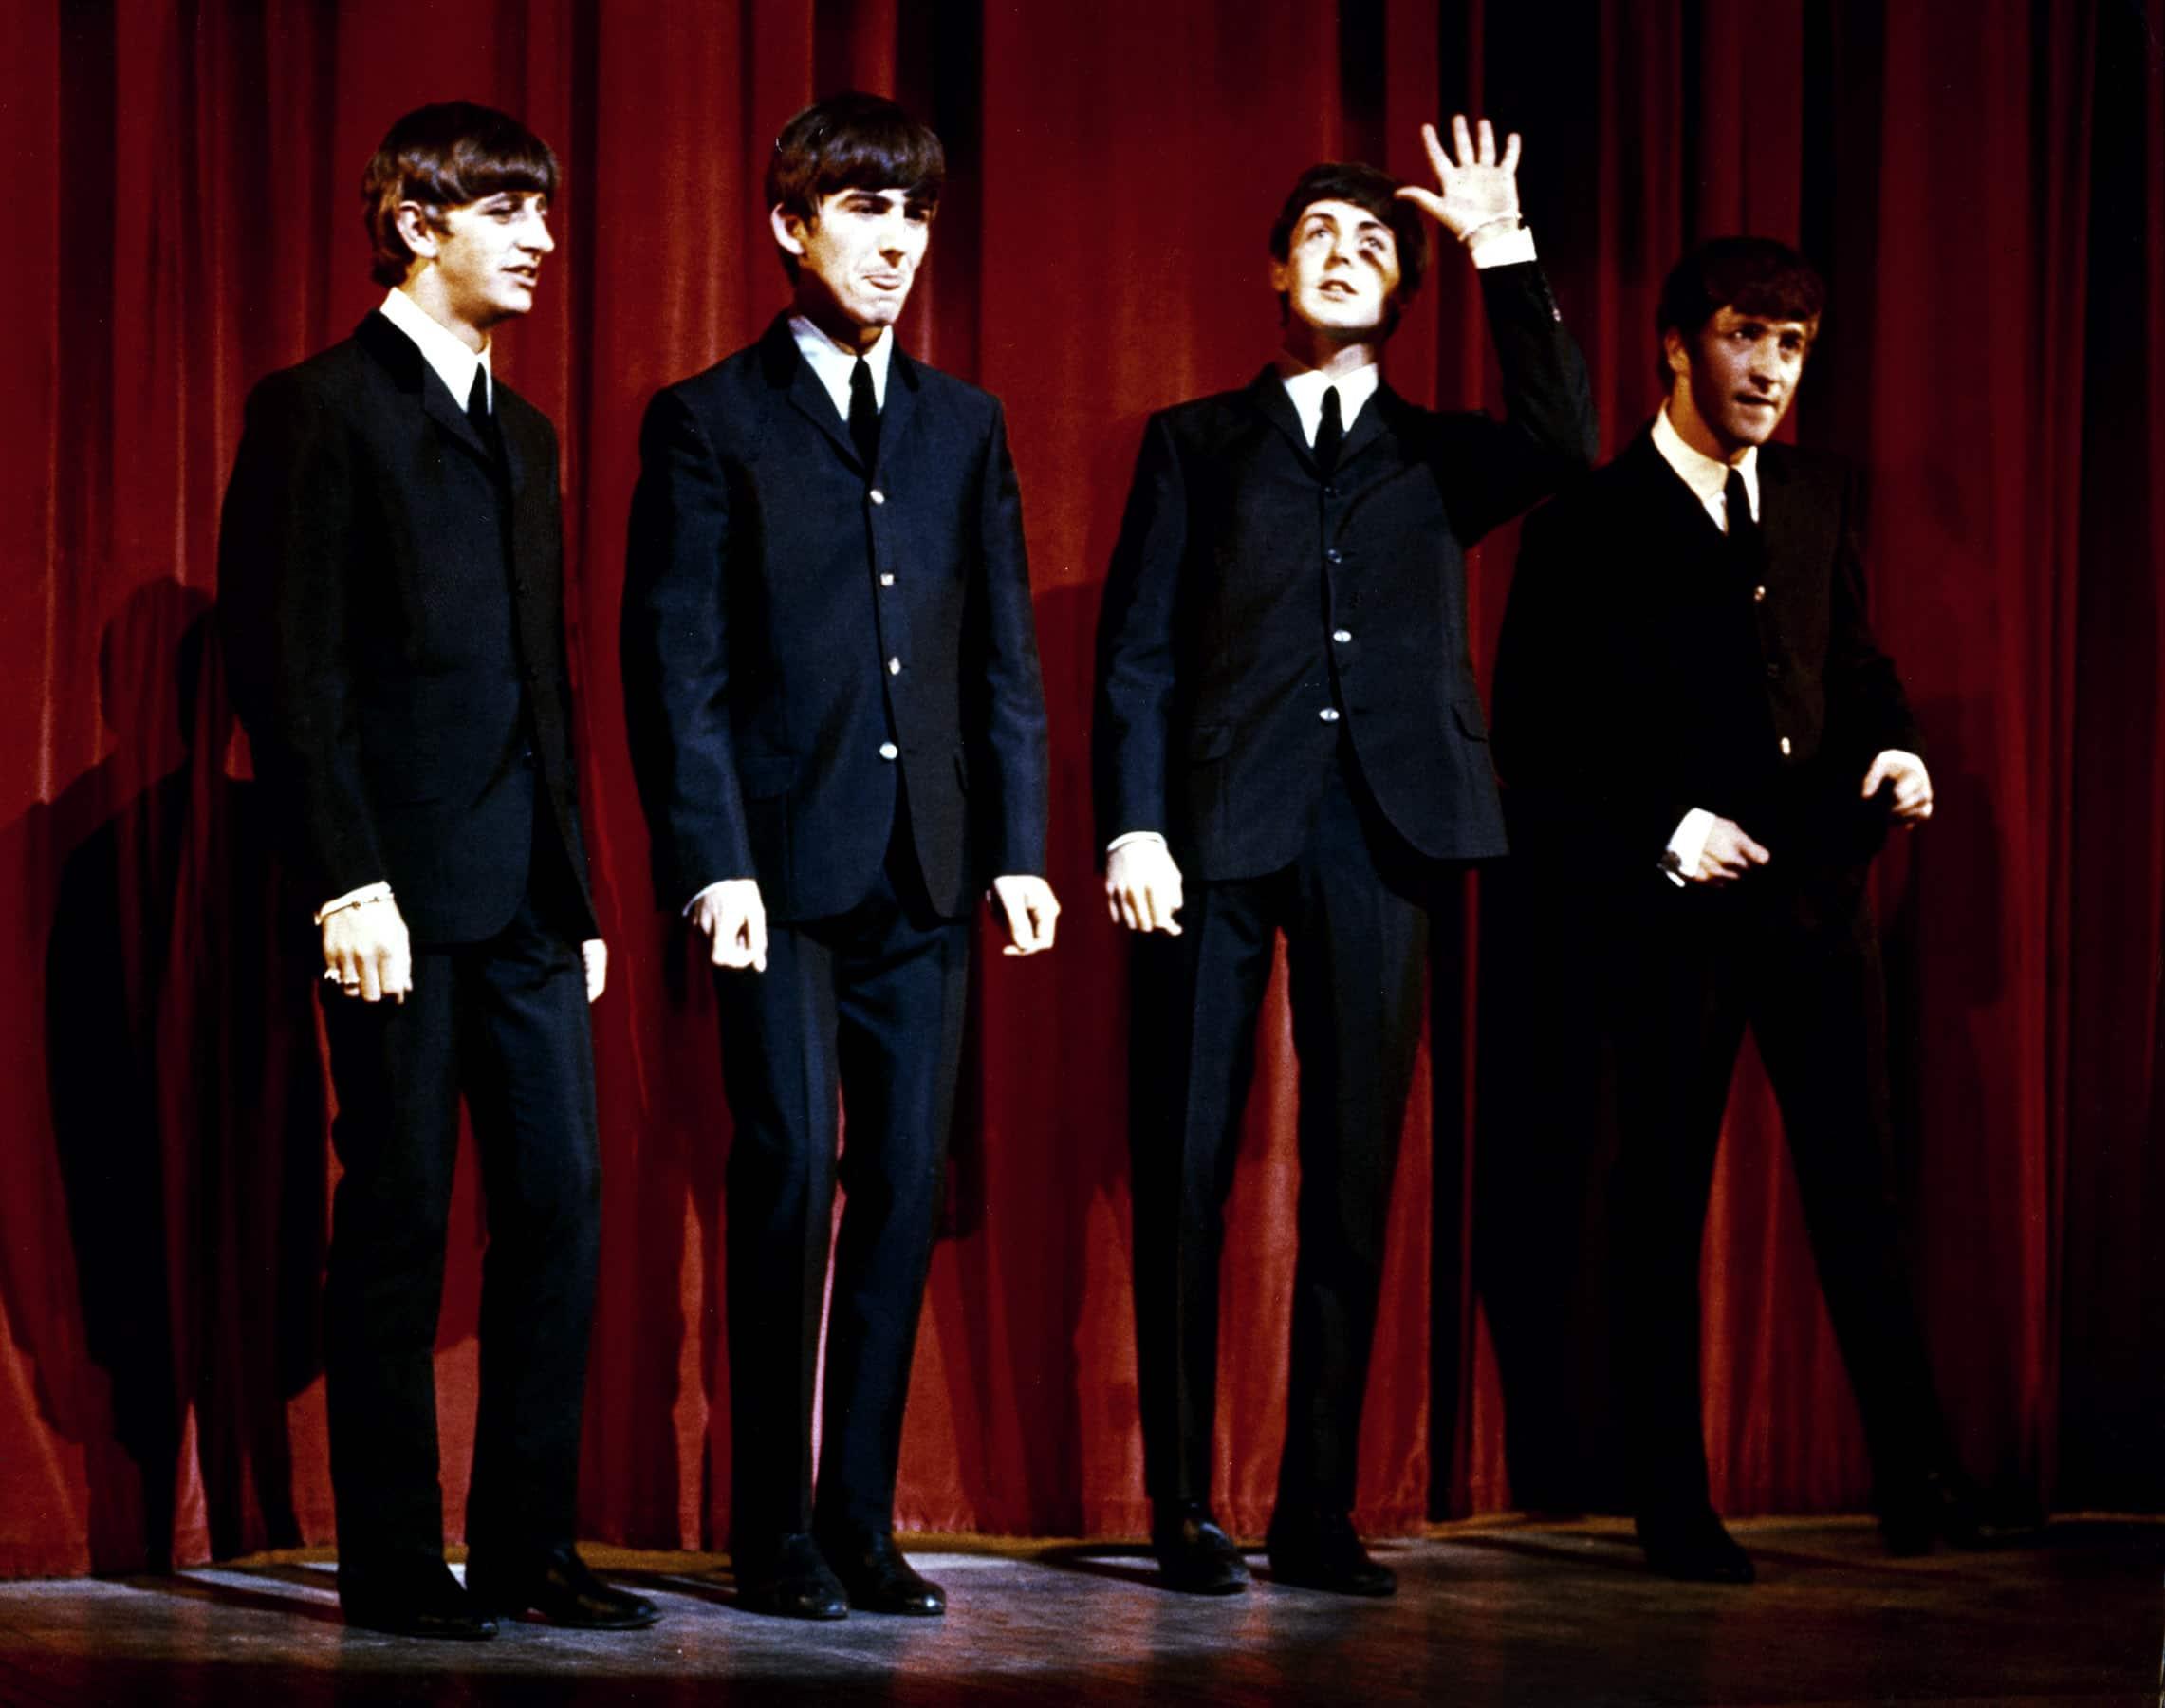 THE BEATLES, Ringo Starr, John Lennon, Paul McCartney, George Harrison, 1963